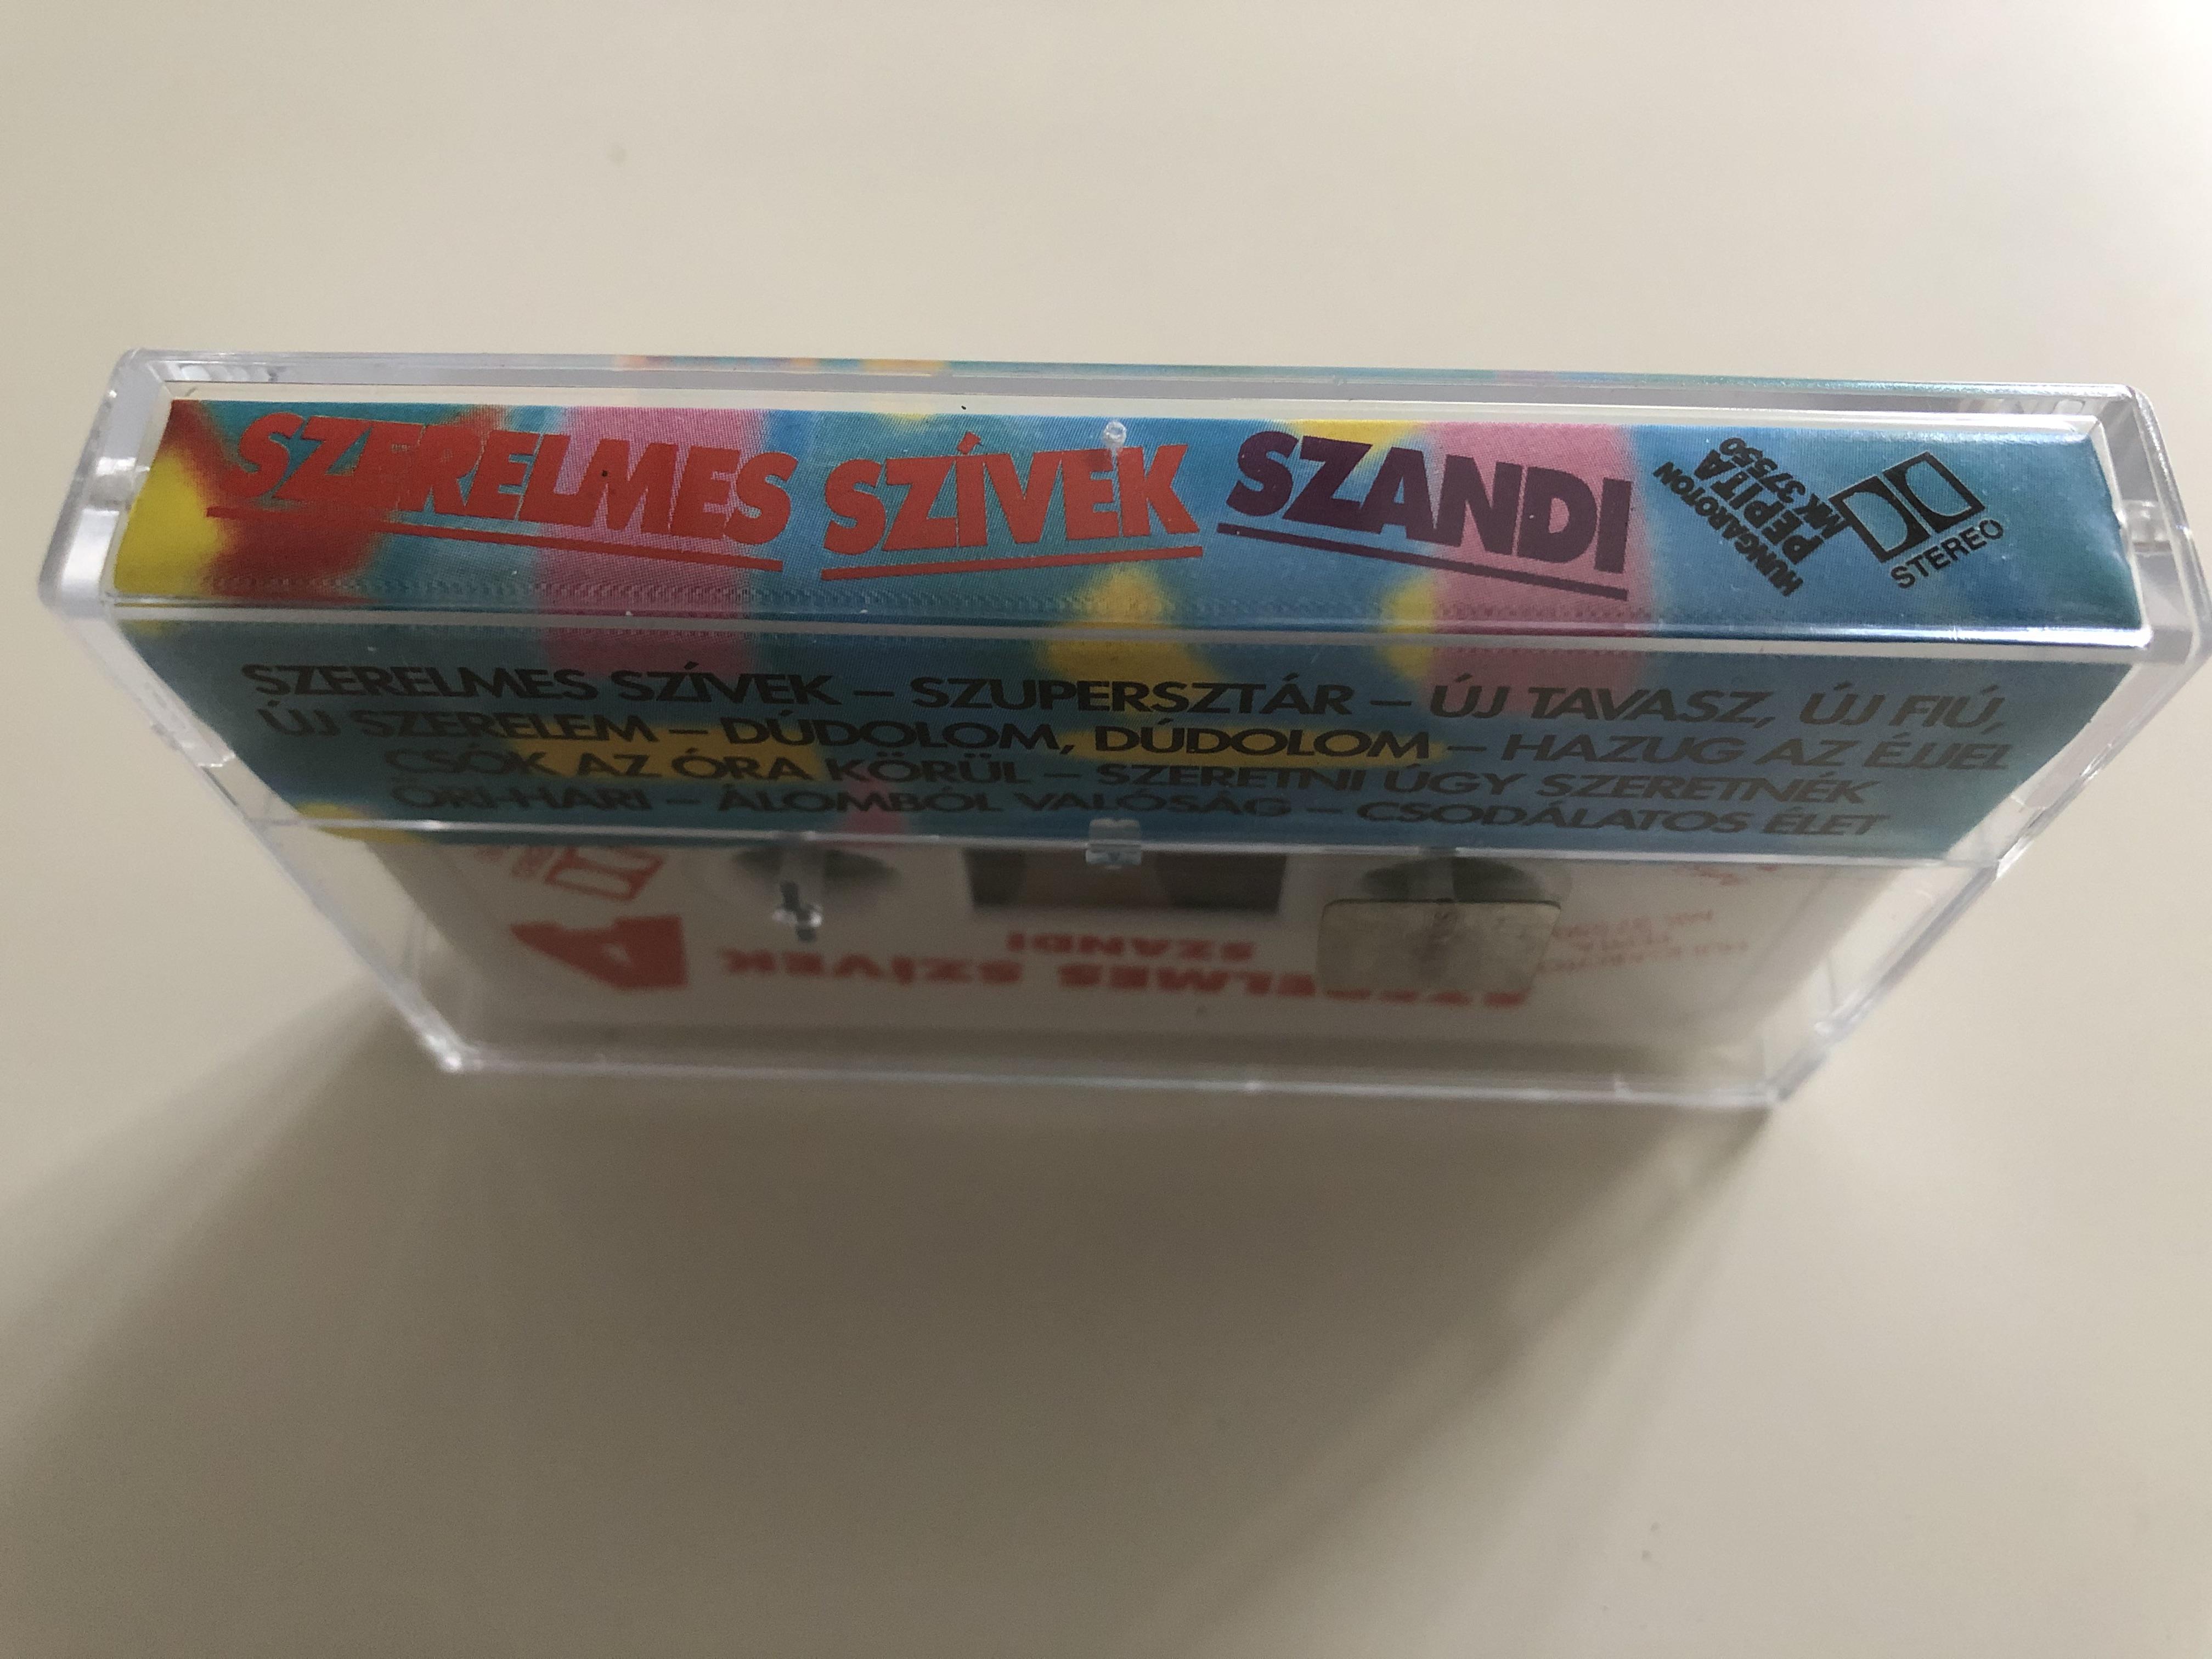 szandi-szerelmes-sz-vek-hungaroton-cassette-stereo-mk-37550-a-4-.jpg